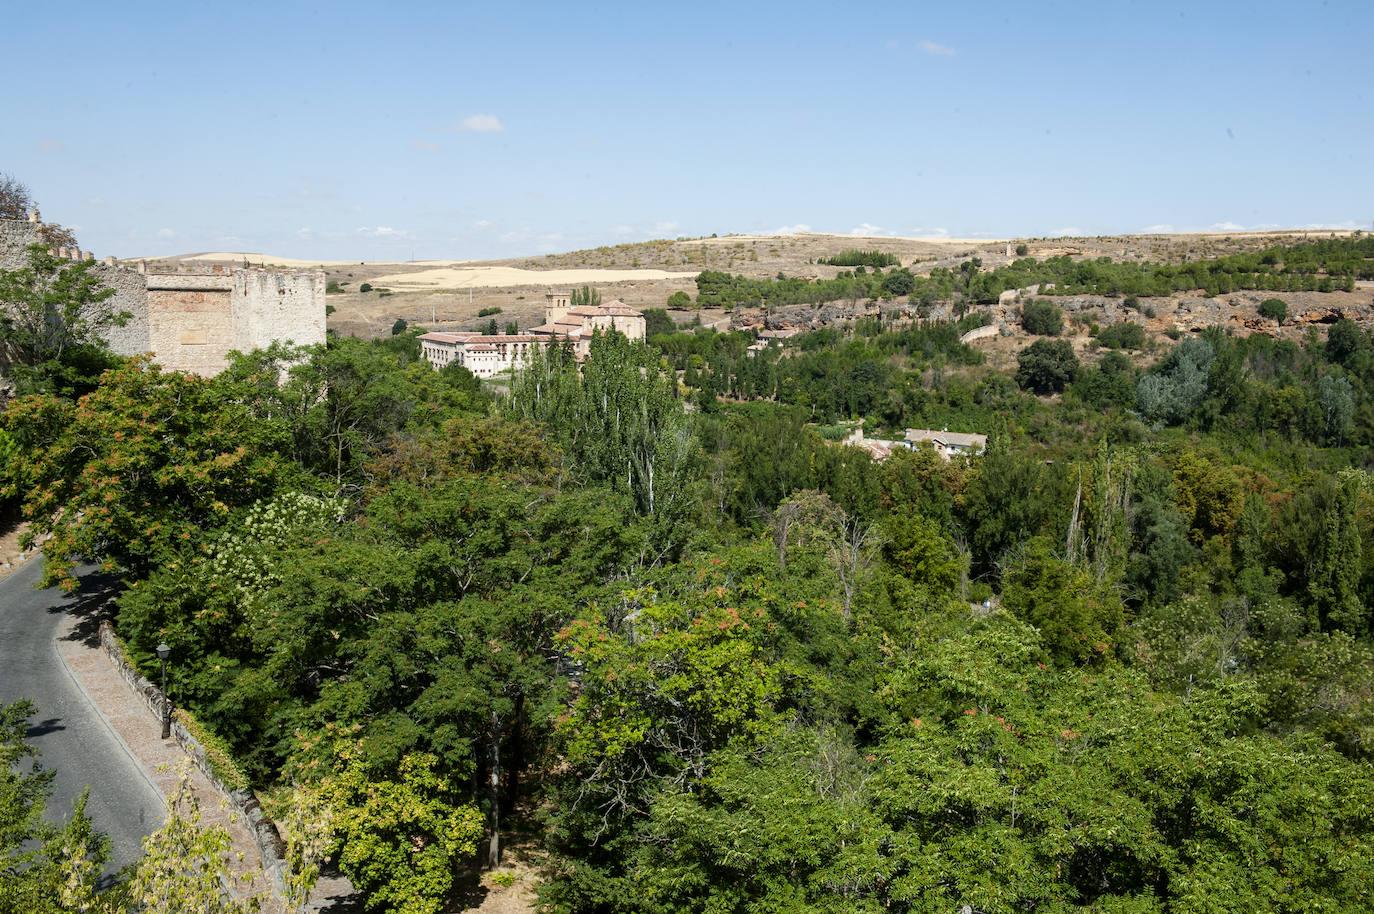 El mantenimiento de las zonas verdes de Segovia cuesta 1,4 millones de euros al año